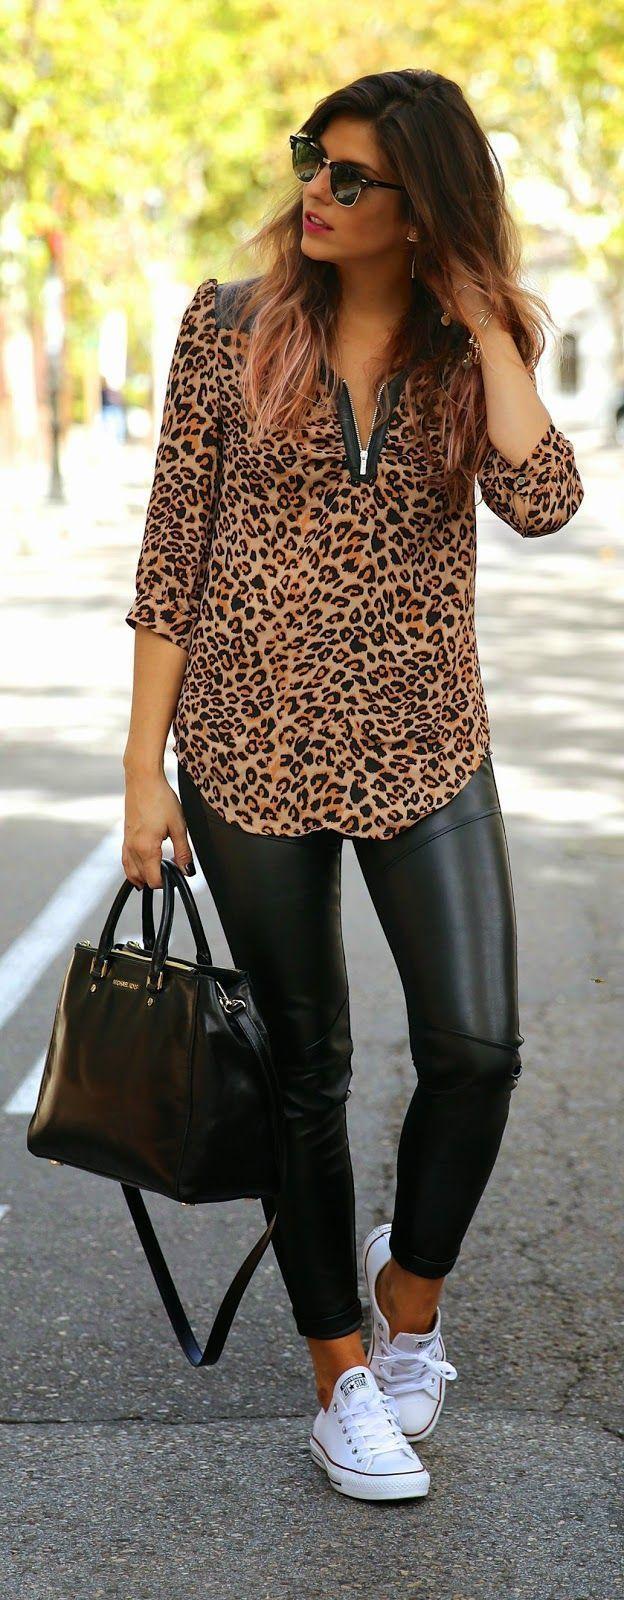 Street Chic - Leopard + Black Leather by TrendyTaste Desde hace un tiempo quiero una blusa Animal Print.